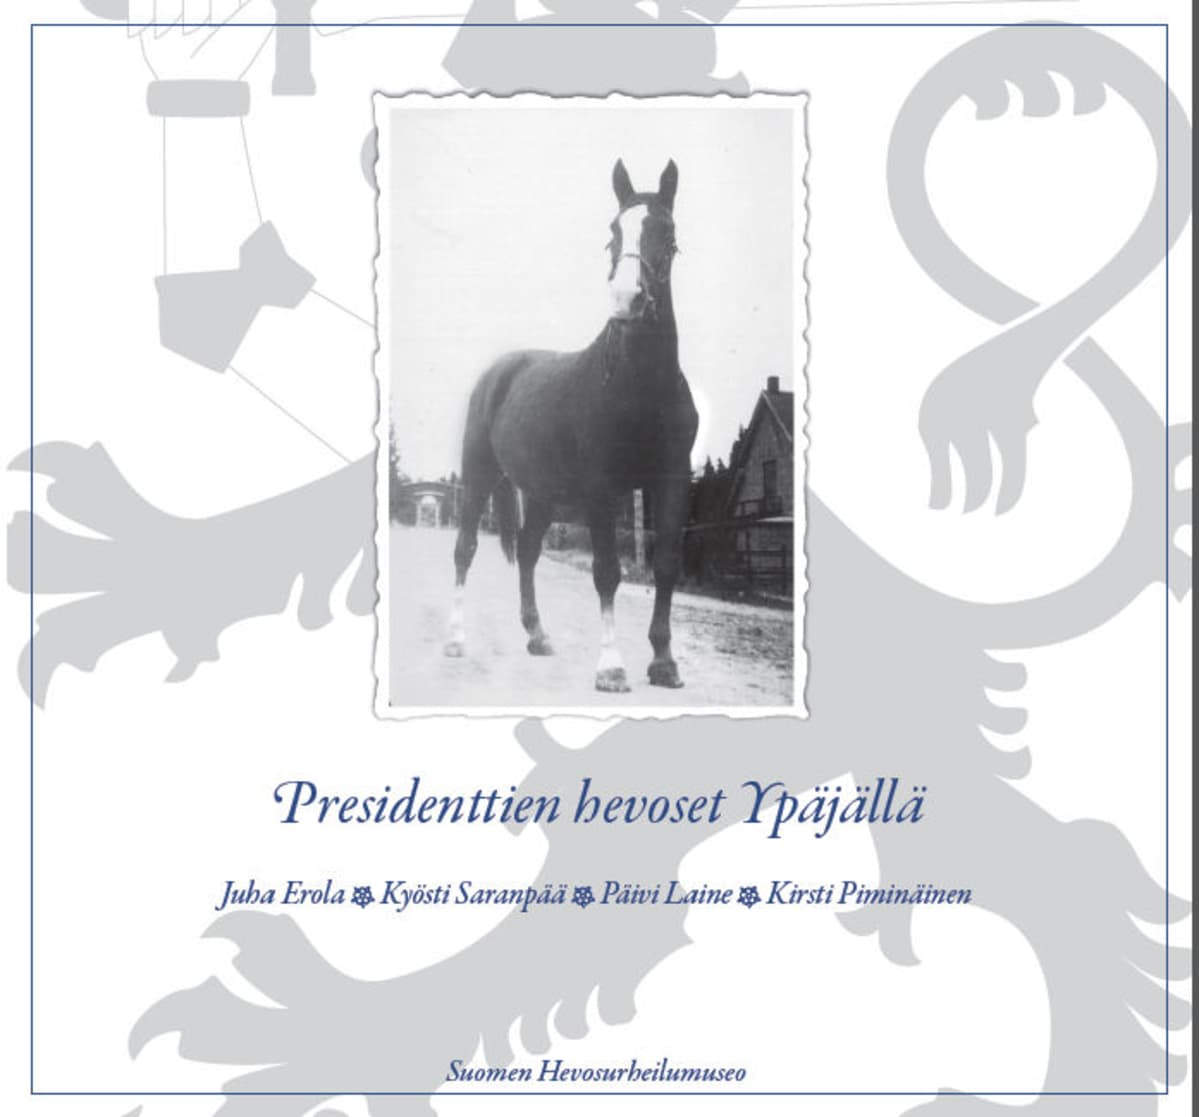 Ypäjän Presidenttien hevoset kirjan kansikuvassa marsalkka Mannerheimin Käthy